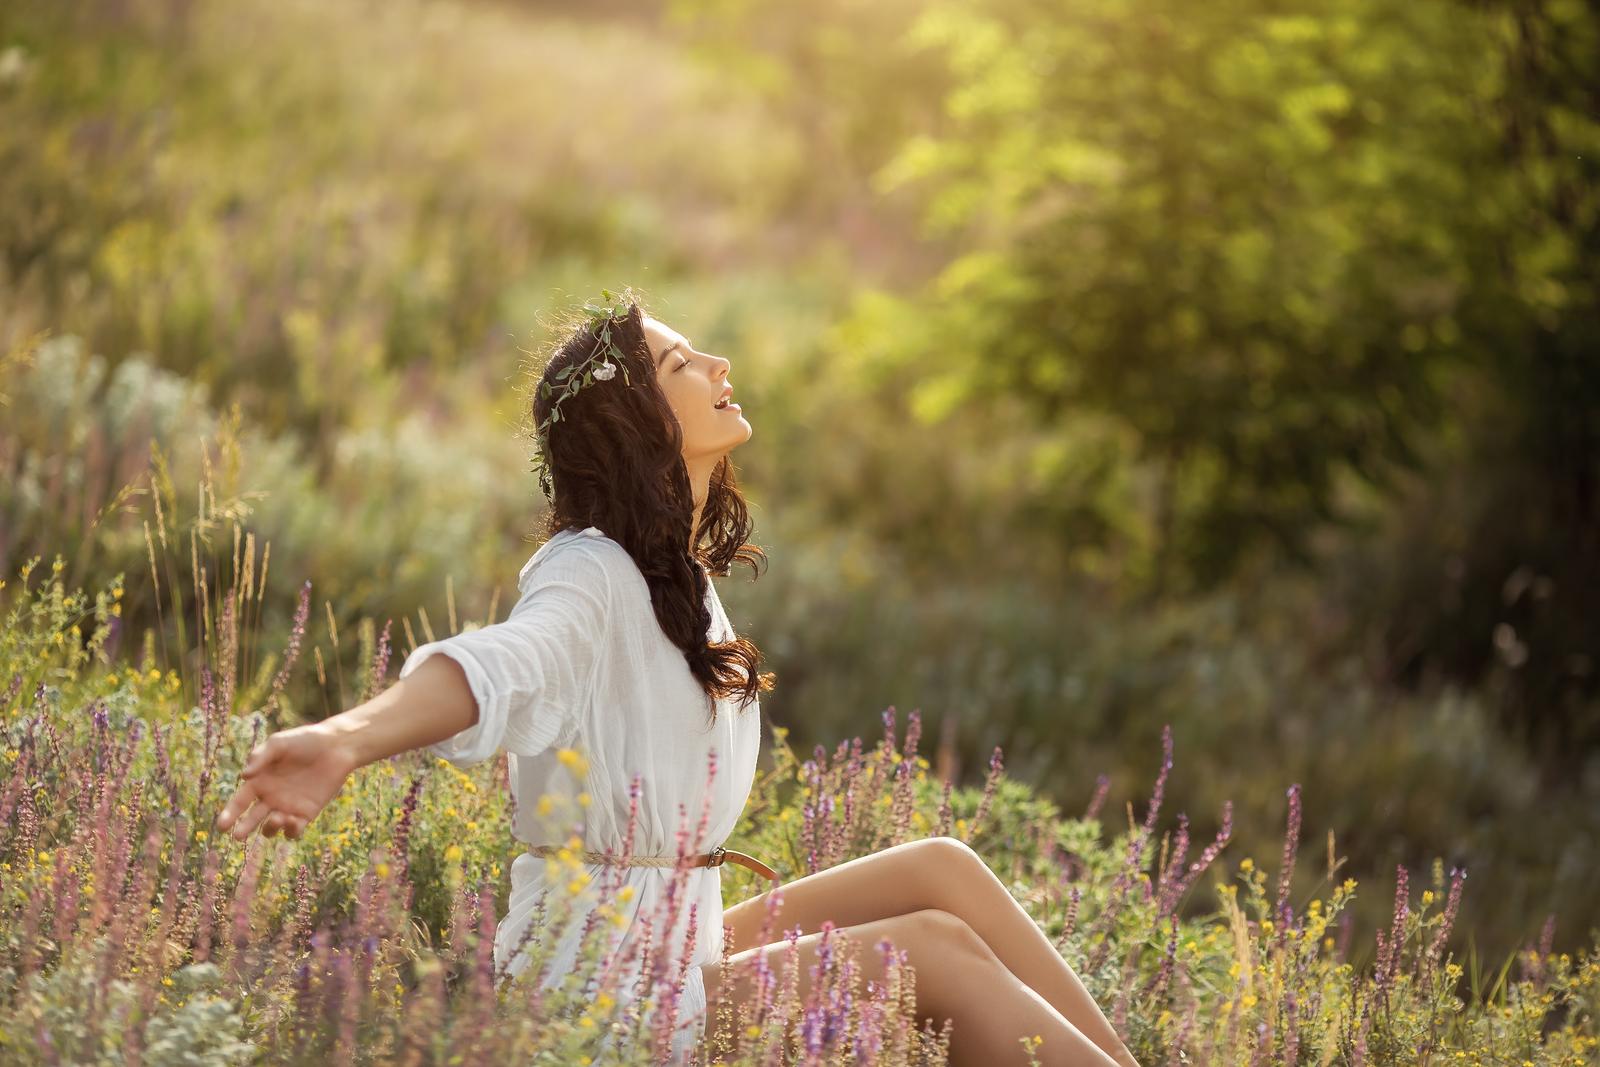 bigstock-Enjoyment--Free-Happy-Woman-E-261519013.jpg